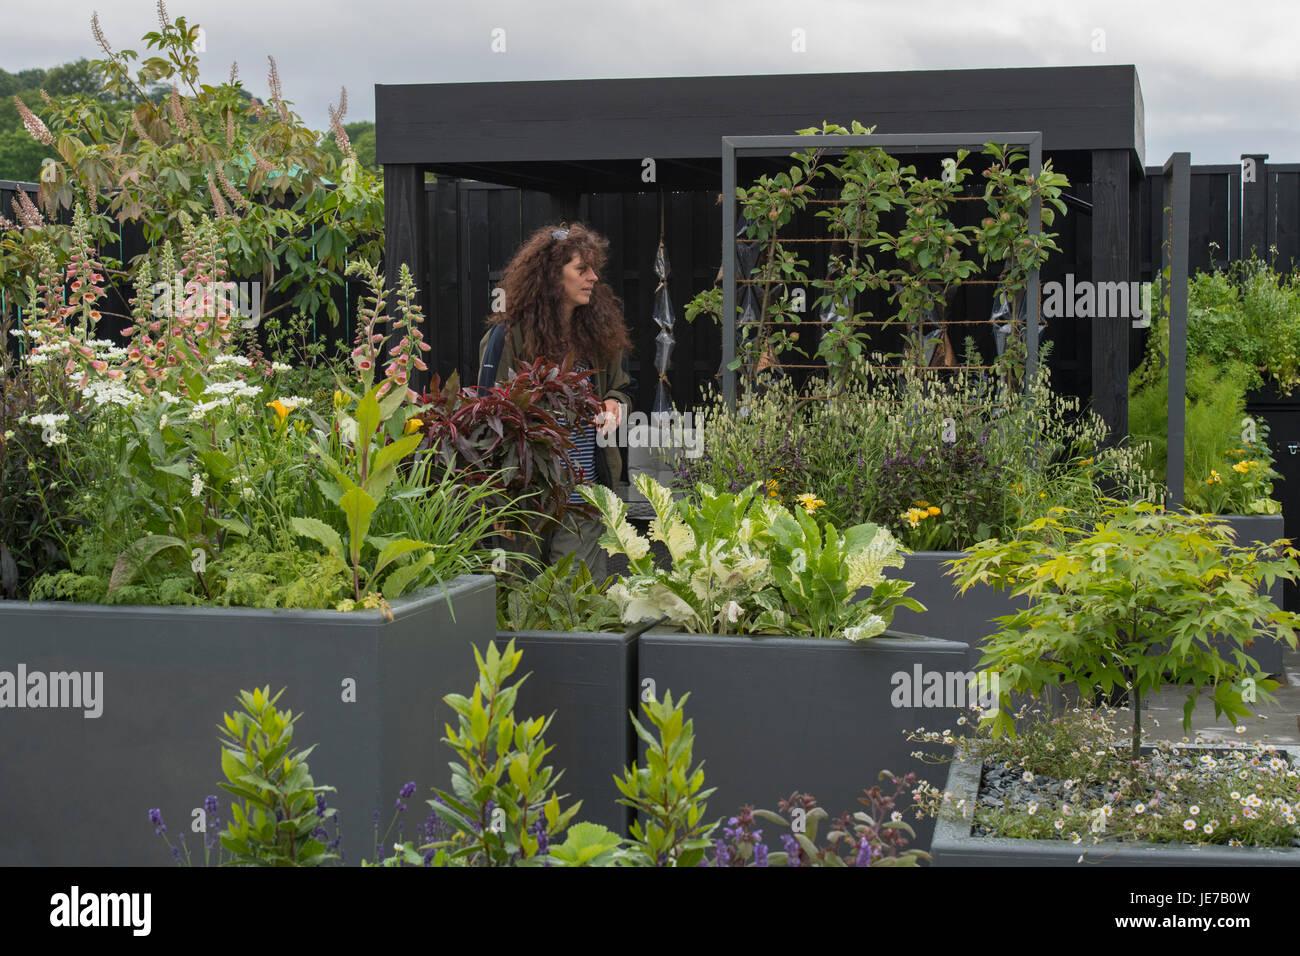 Designer Gehen Zwischen Den Hochbeeten In Bewegliche Fest Garten An